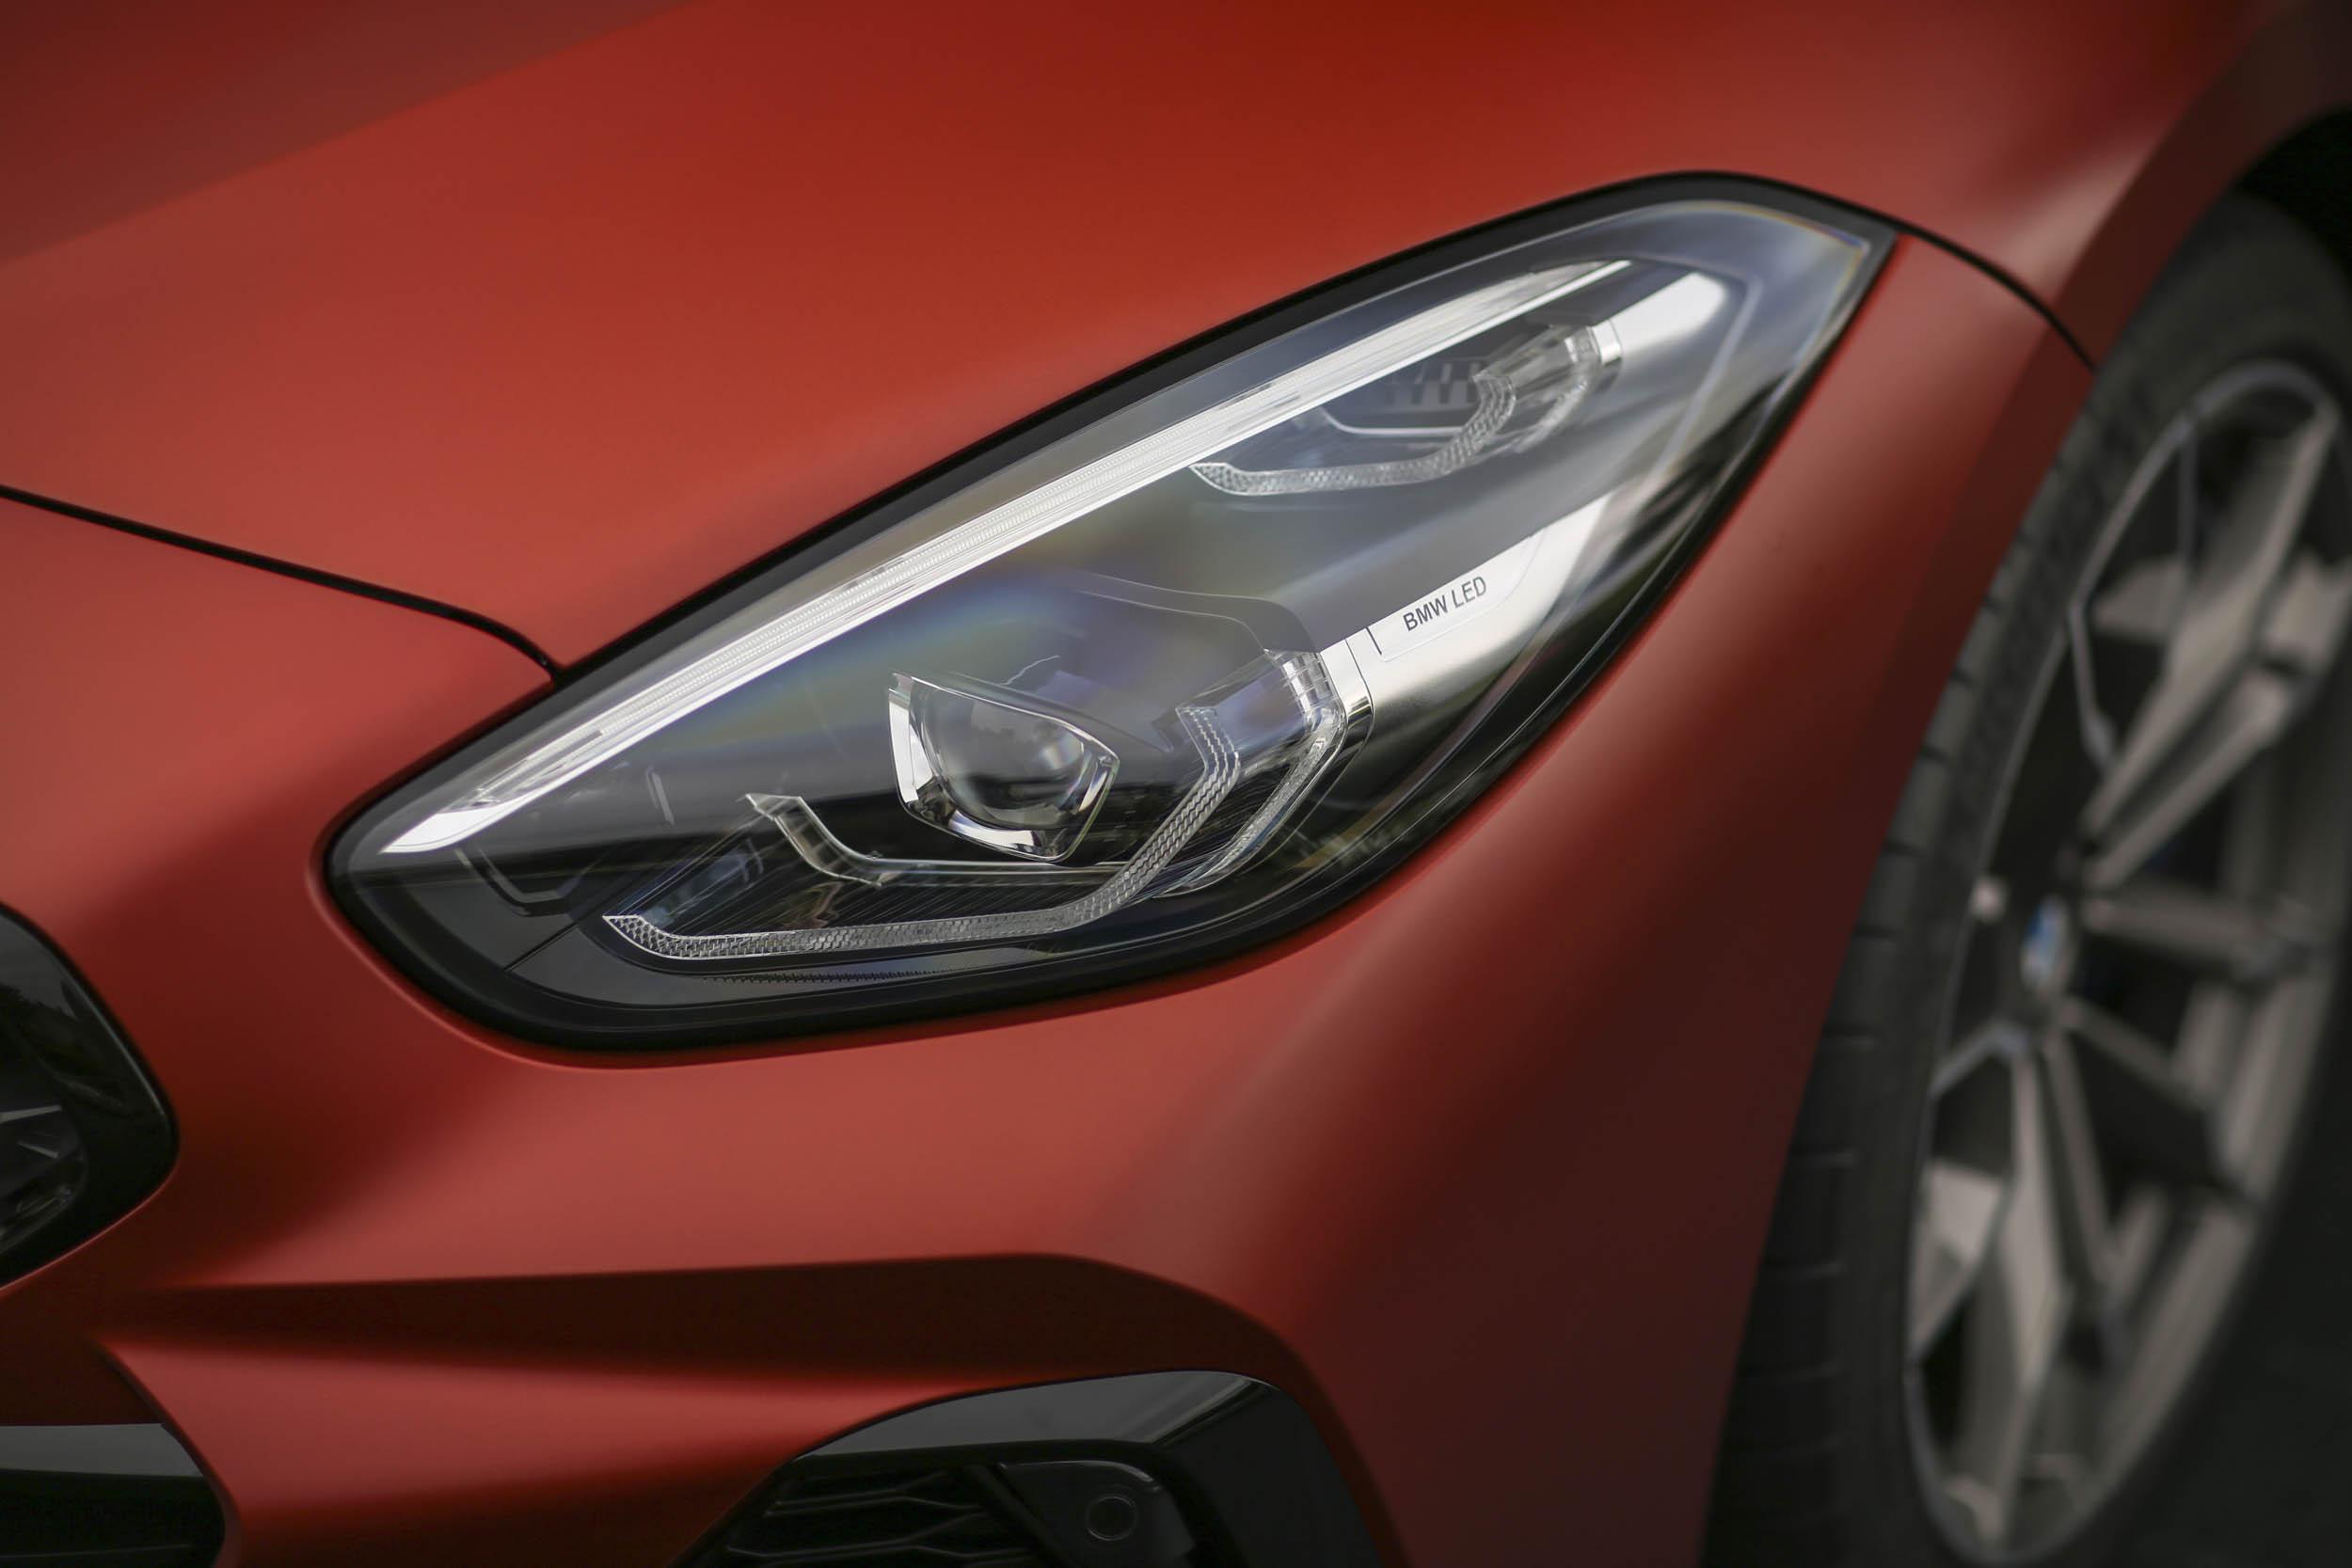 BMW Z4 M40i roadster headlight detail